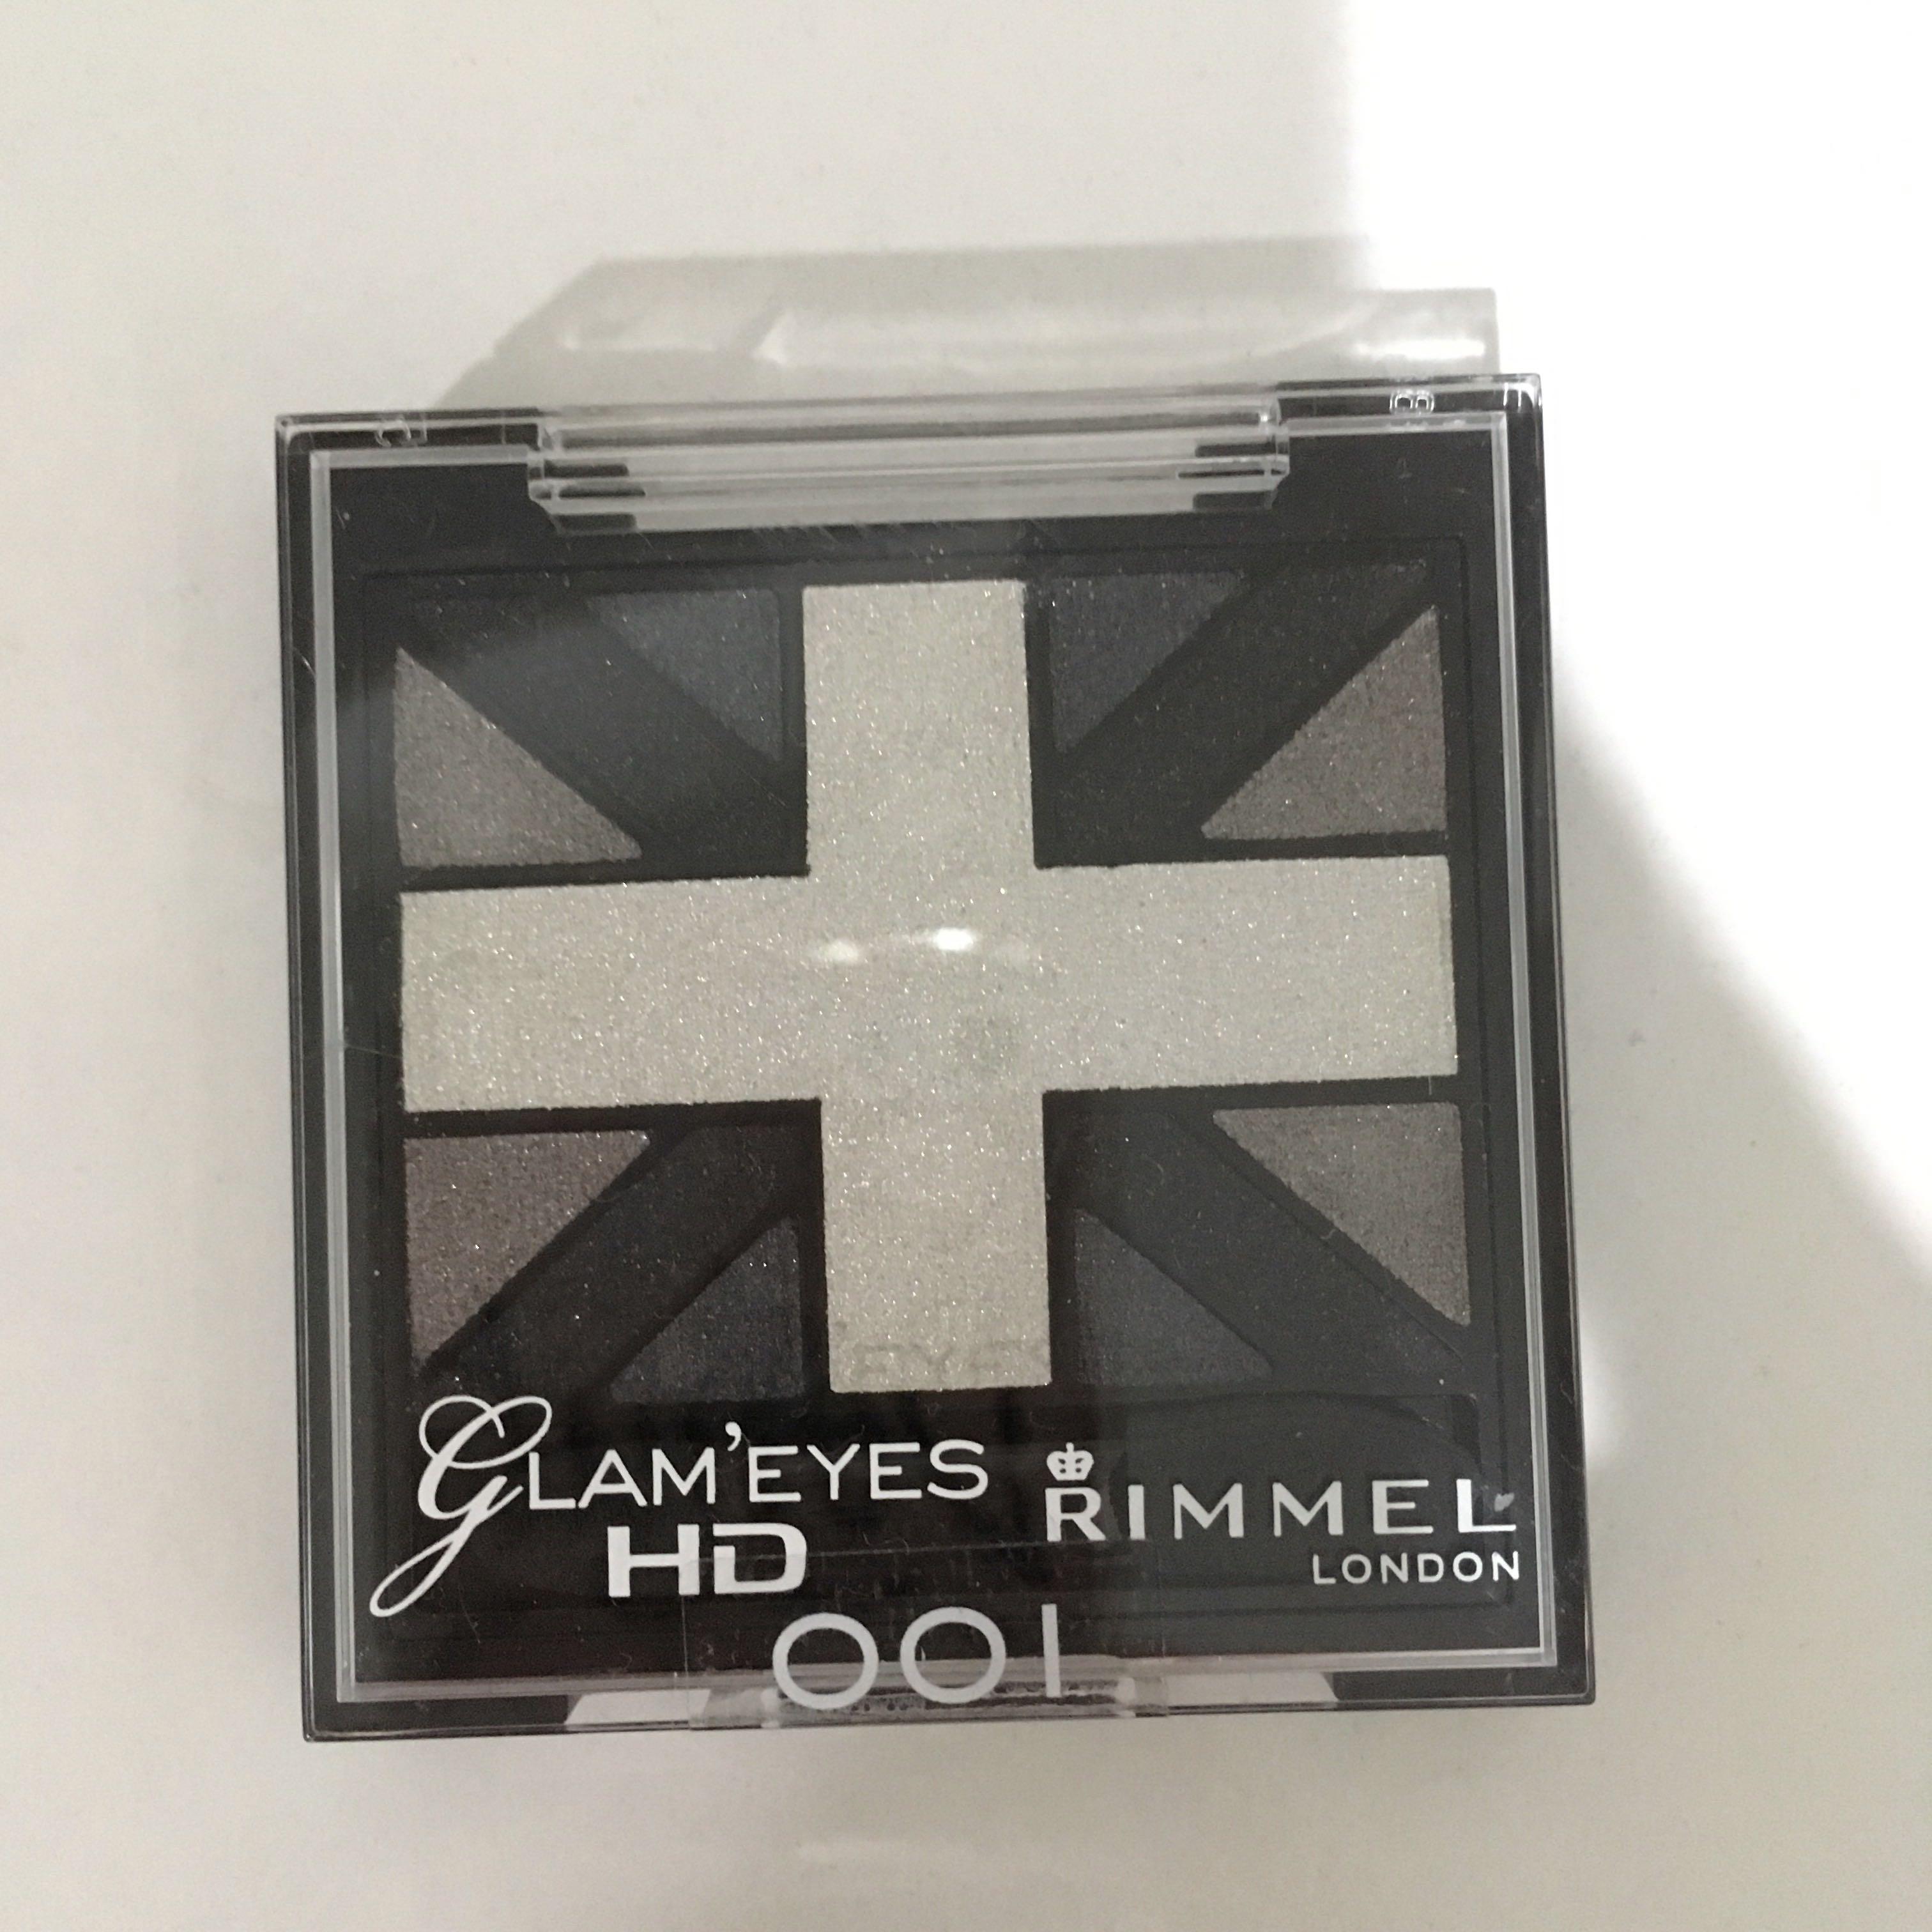 NEW Rimmel Glam eyes eyeshadow palette